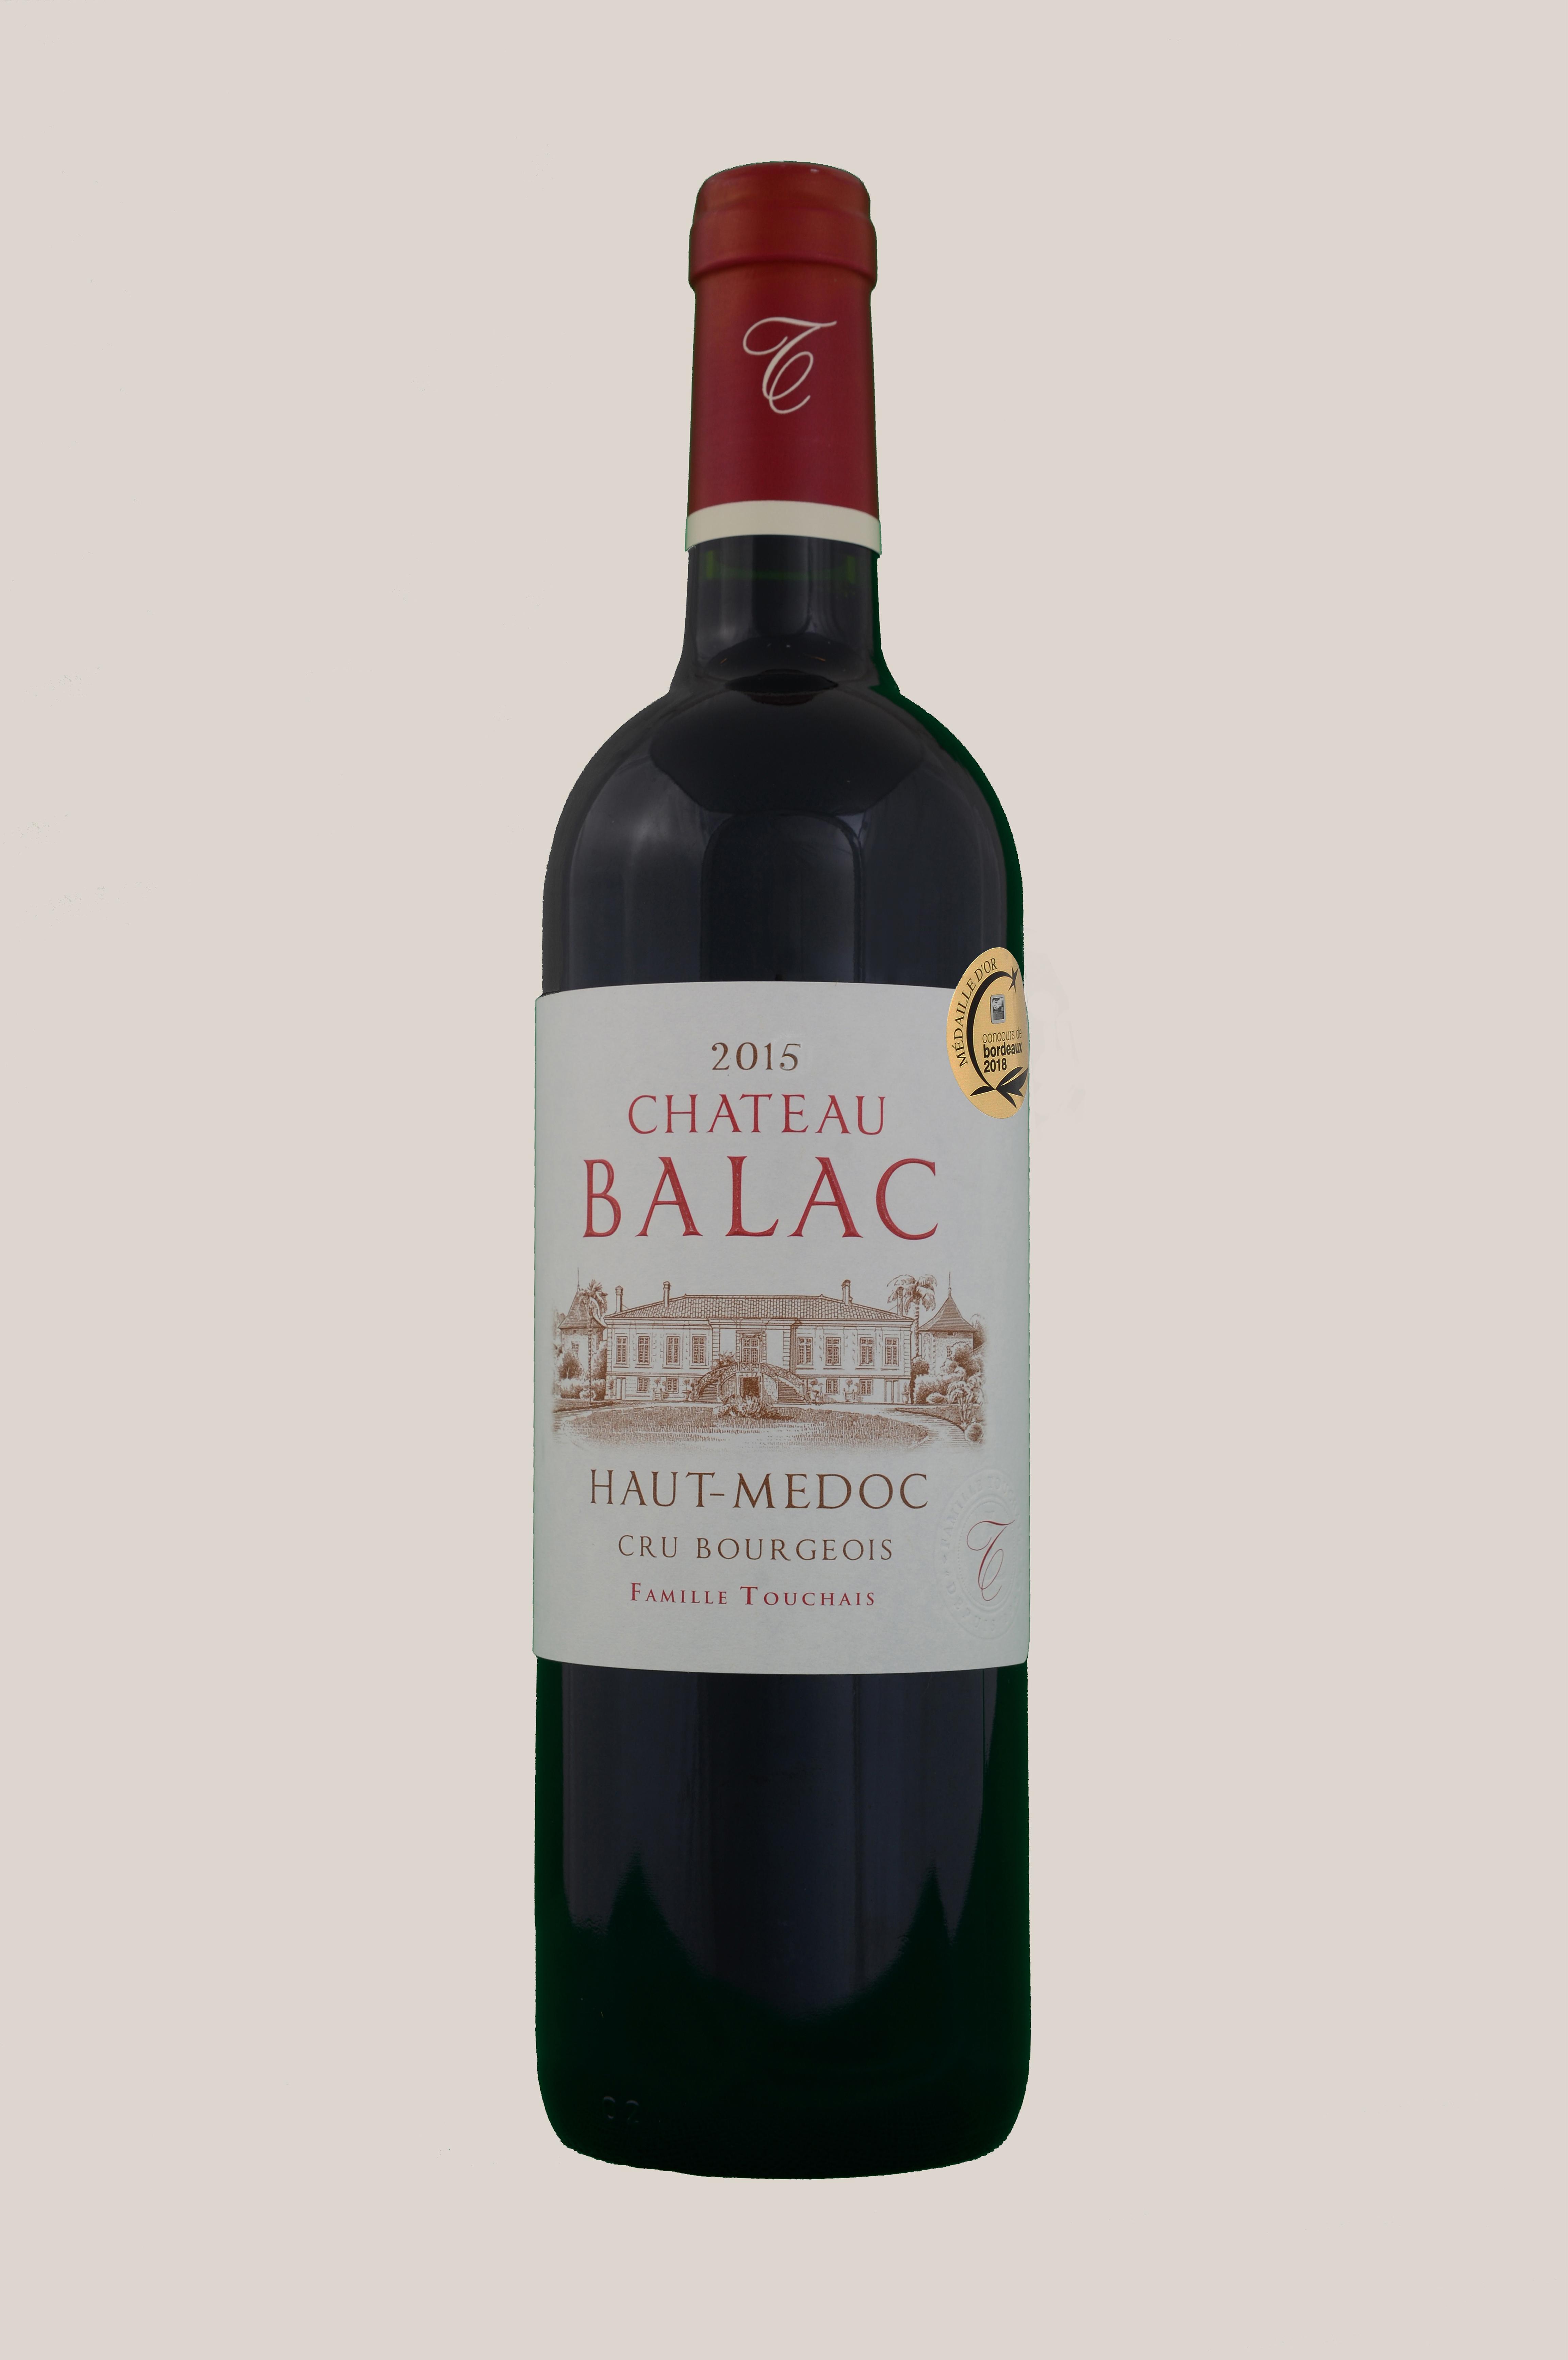 Acheter du vin directement chez producteur HAUT-MEDOC